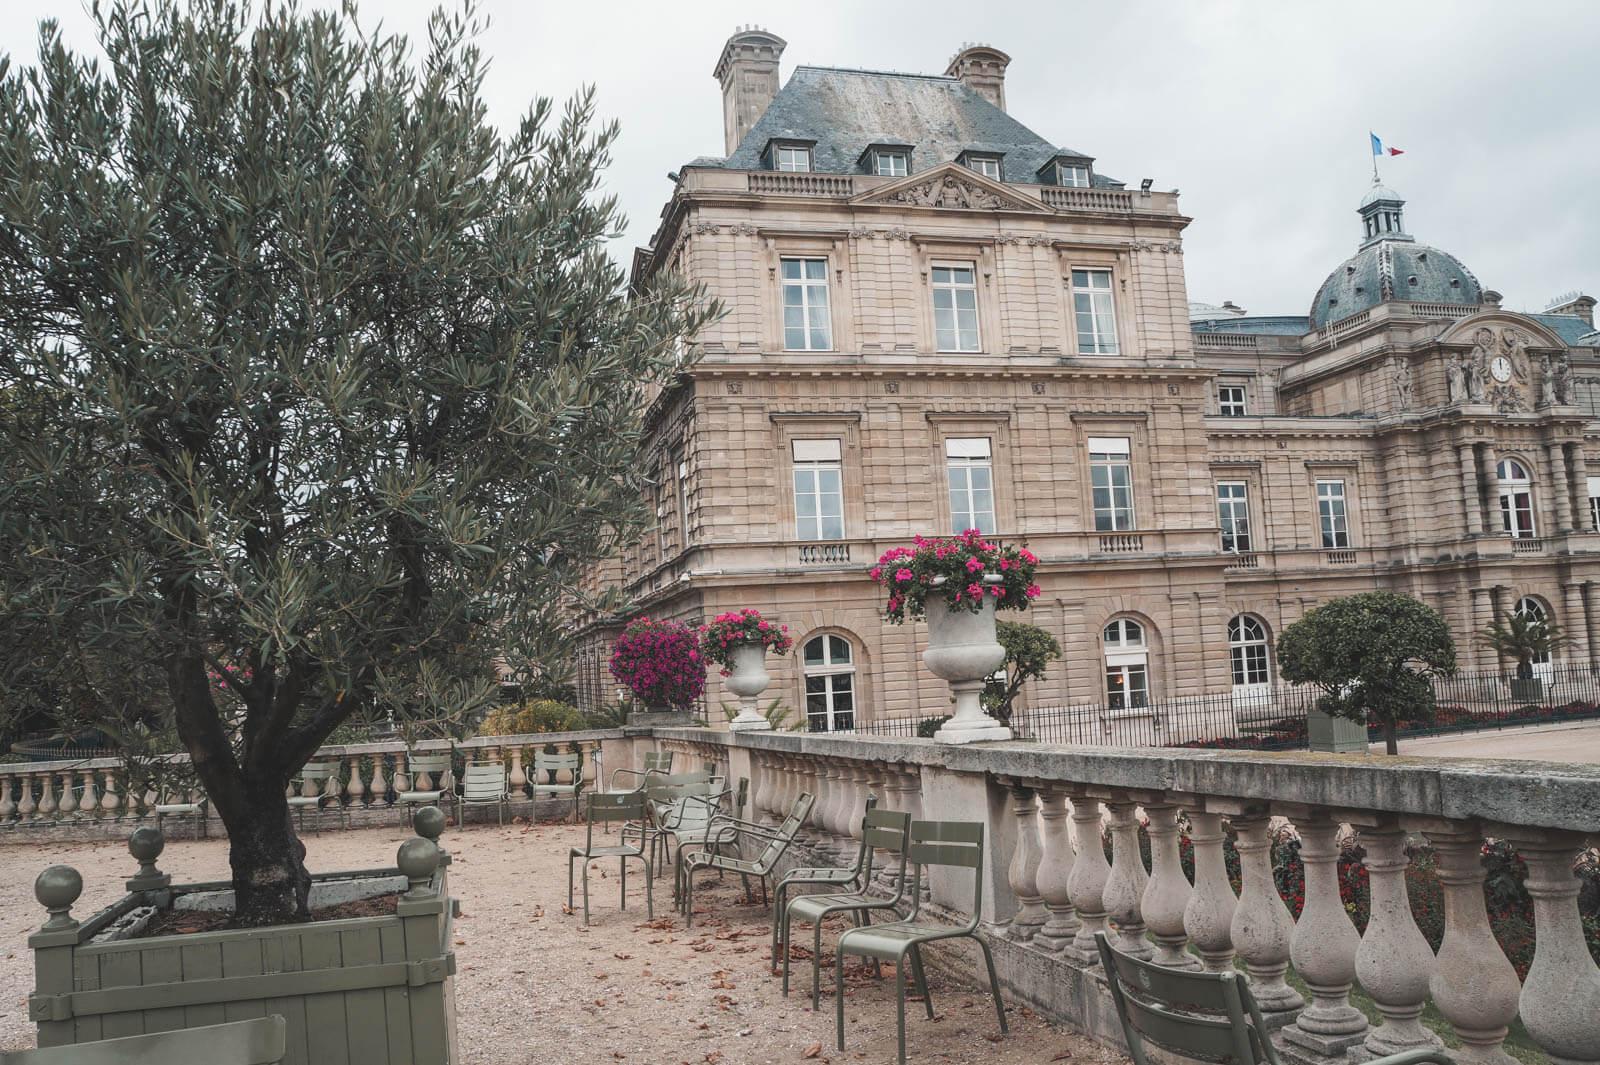 paris-my-parisienne-walkways-la-vie-en-blog-all-rights-reserved-42